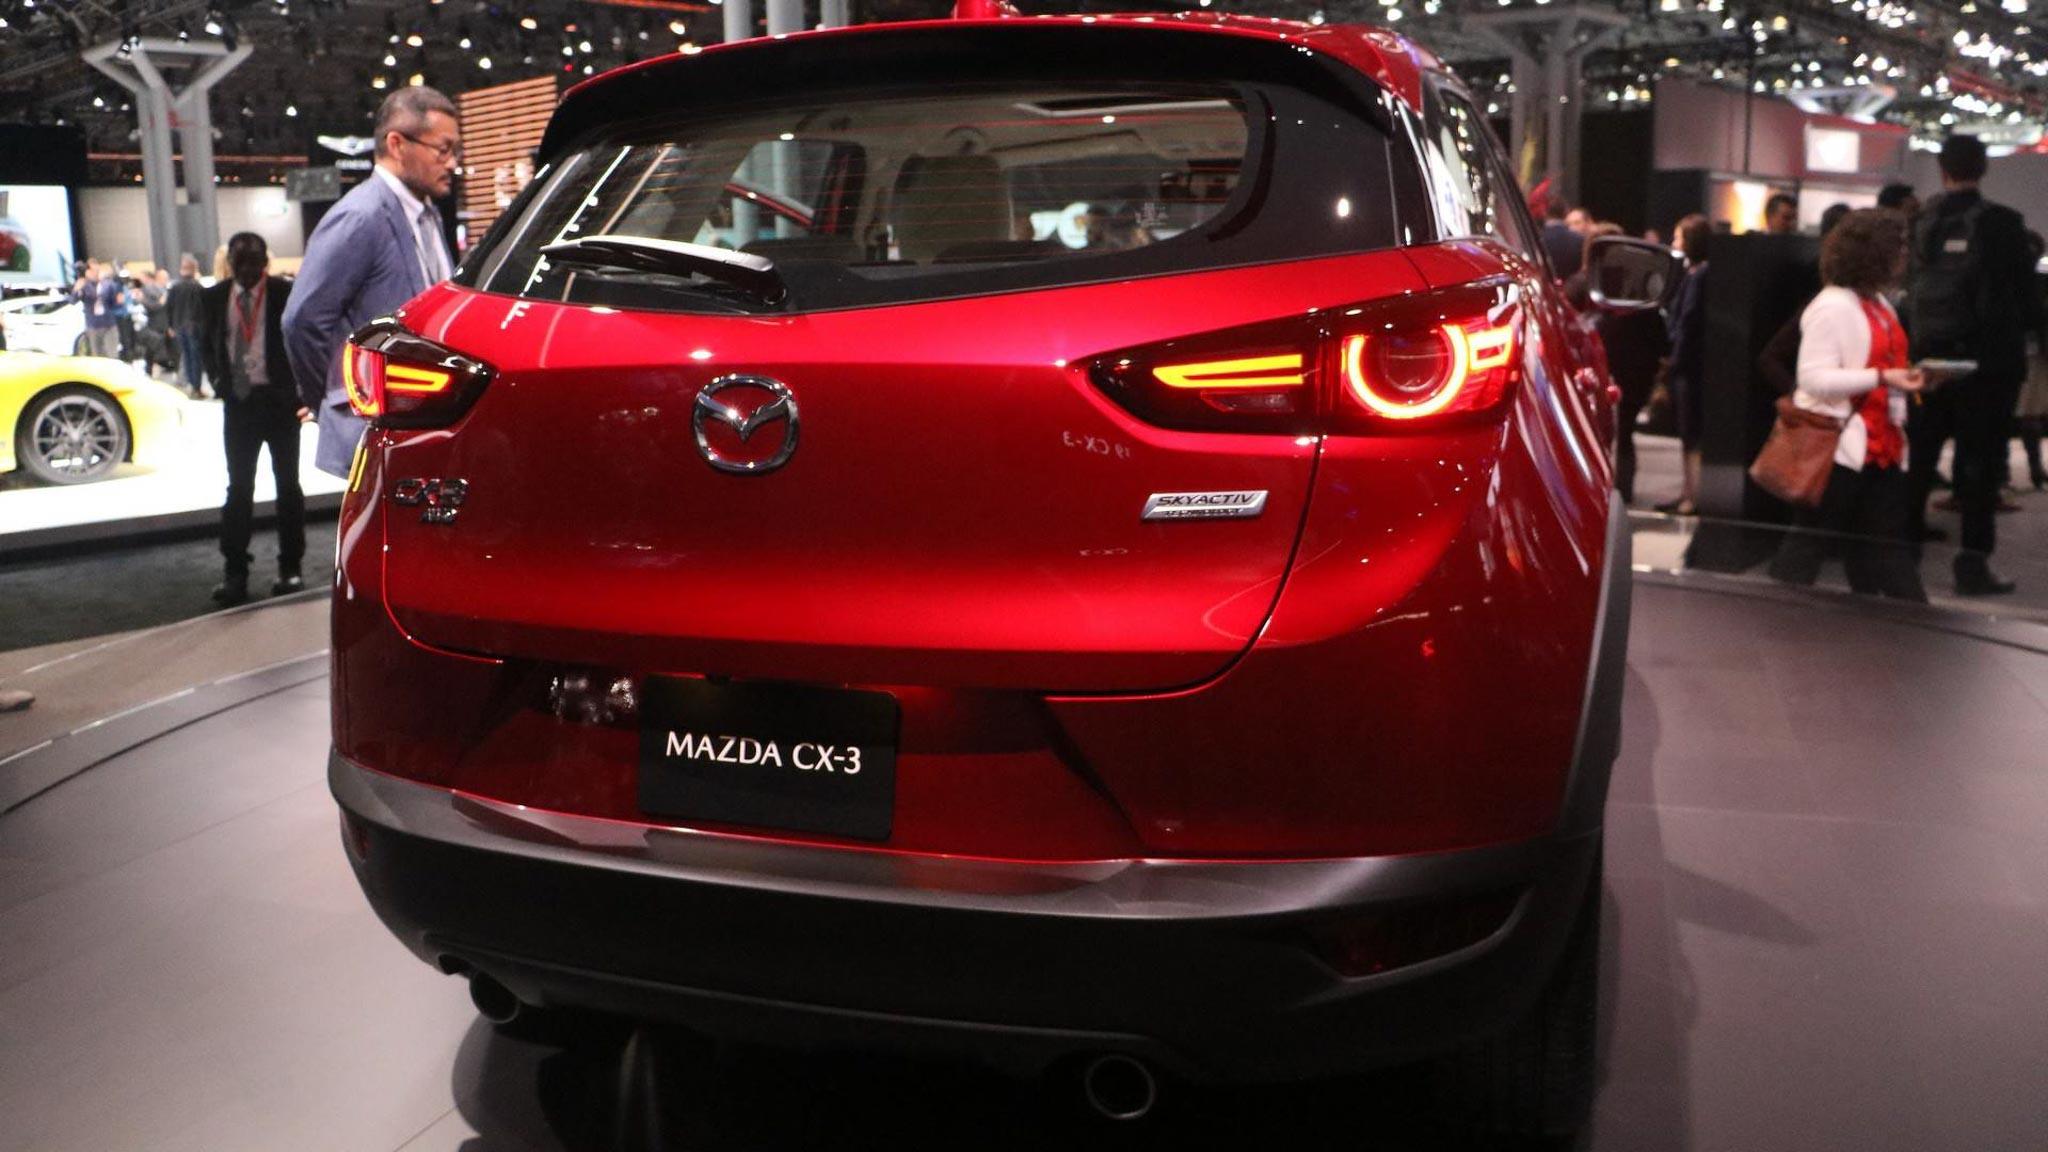 Thị trường xe - Xem trước Mazda CX-3 2019: 'Kẻ ngáng đường' Ford Ecosport (Hình 7).